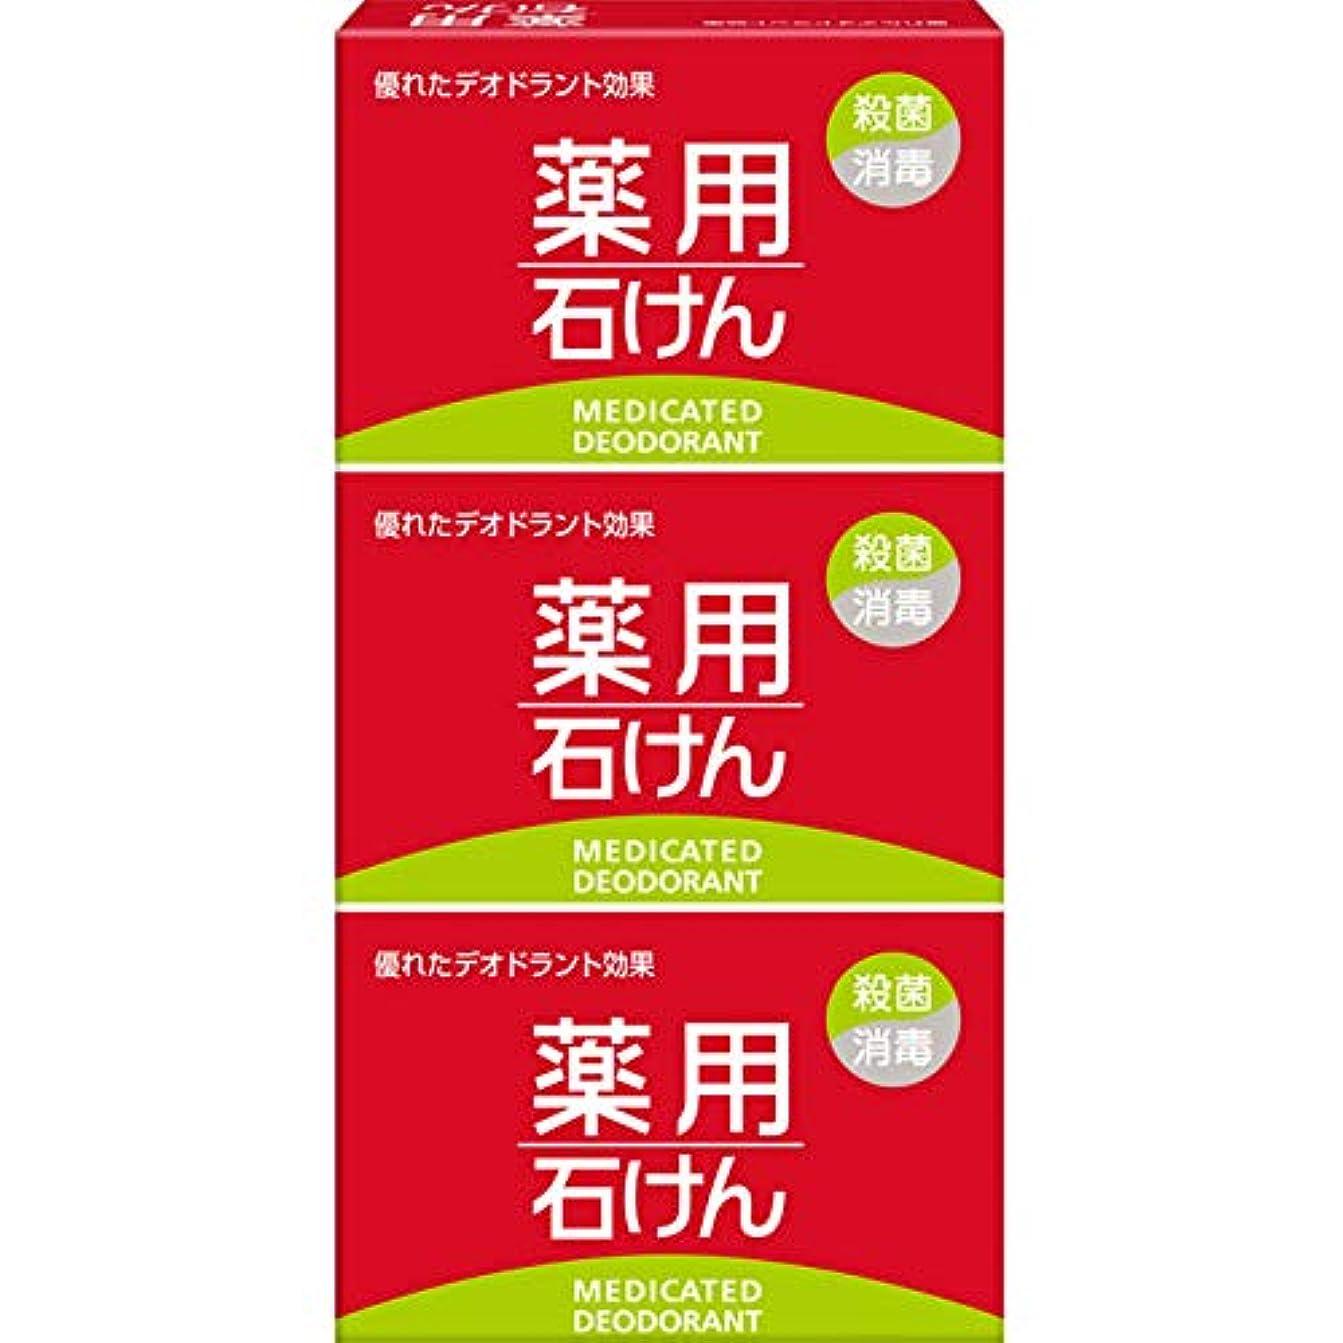 敷居霊ほこりっぽいMK 薬用石けん 100g×3個 (医薬部外品)